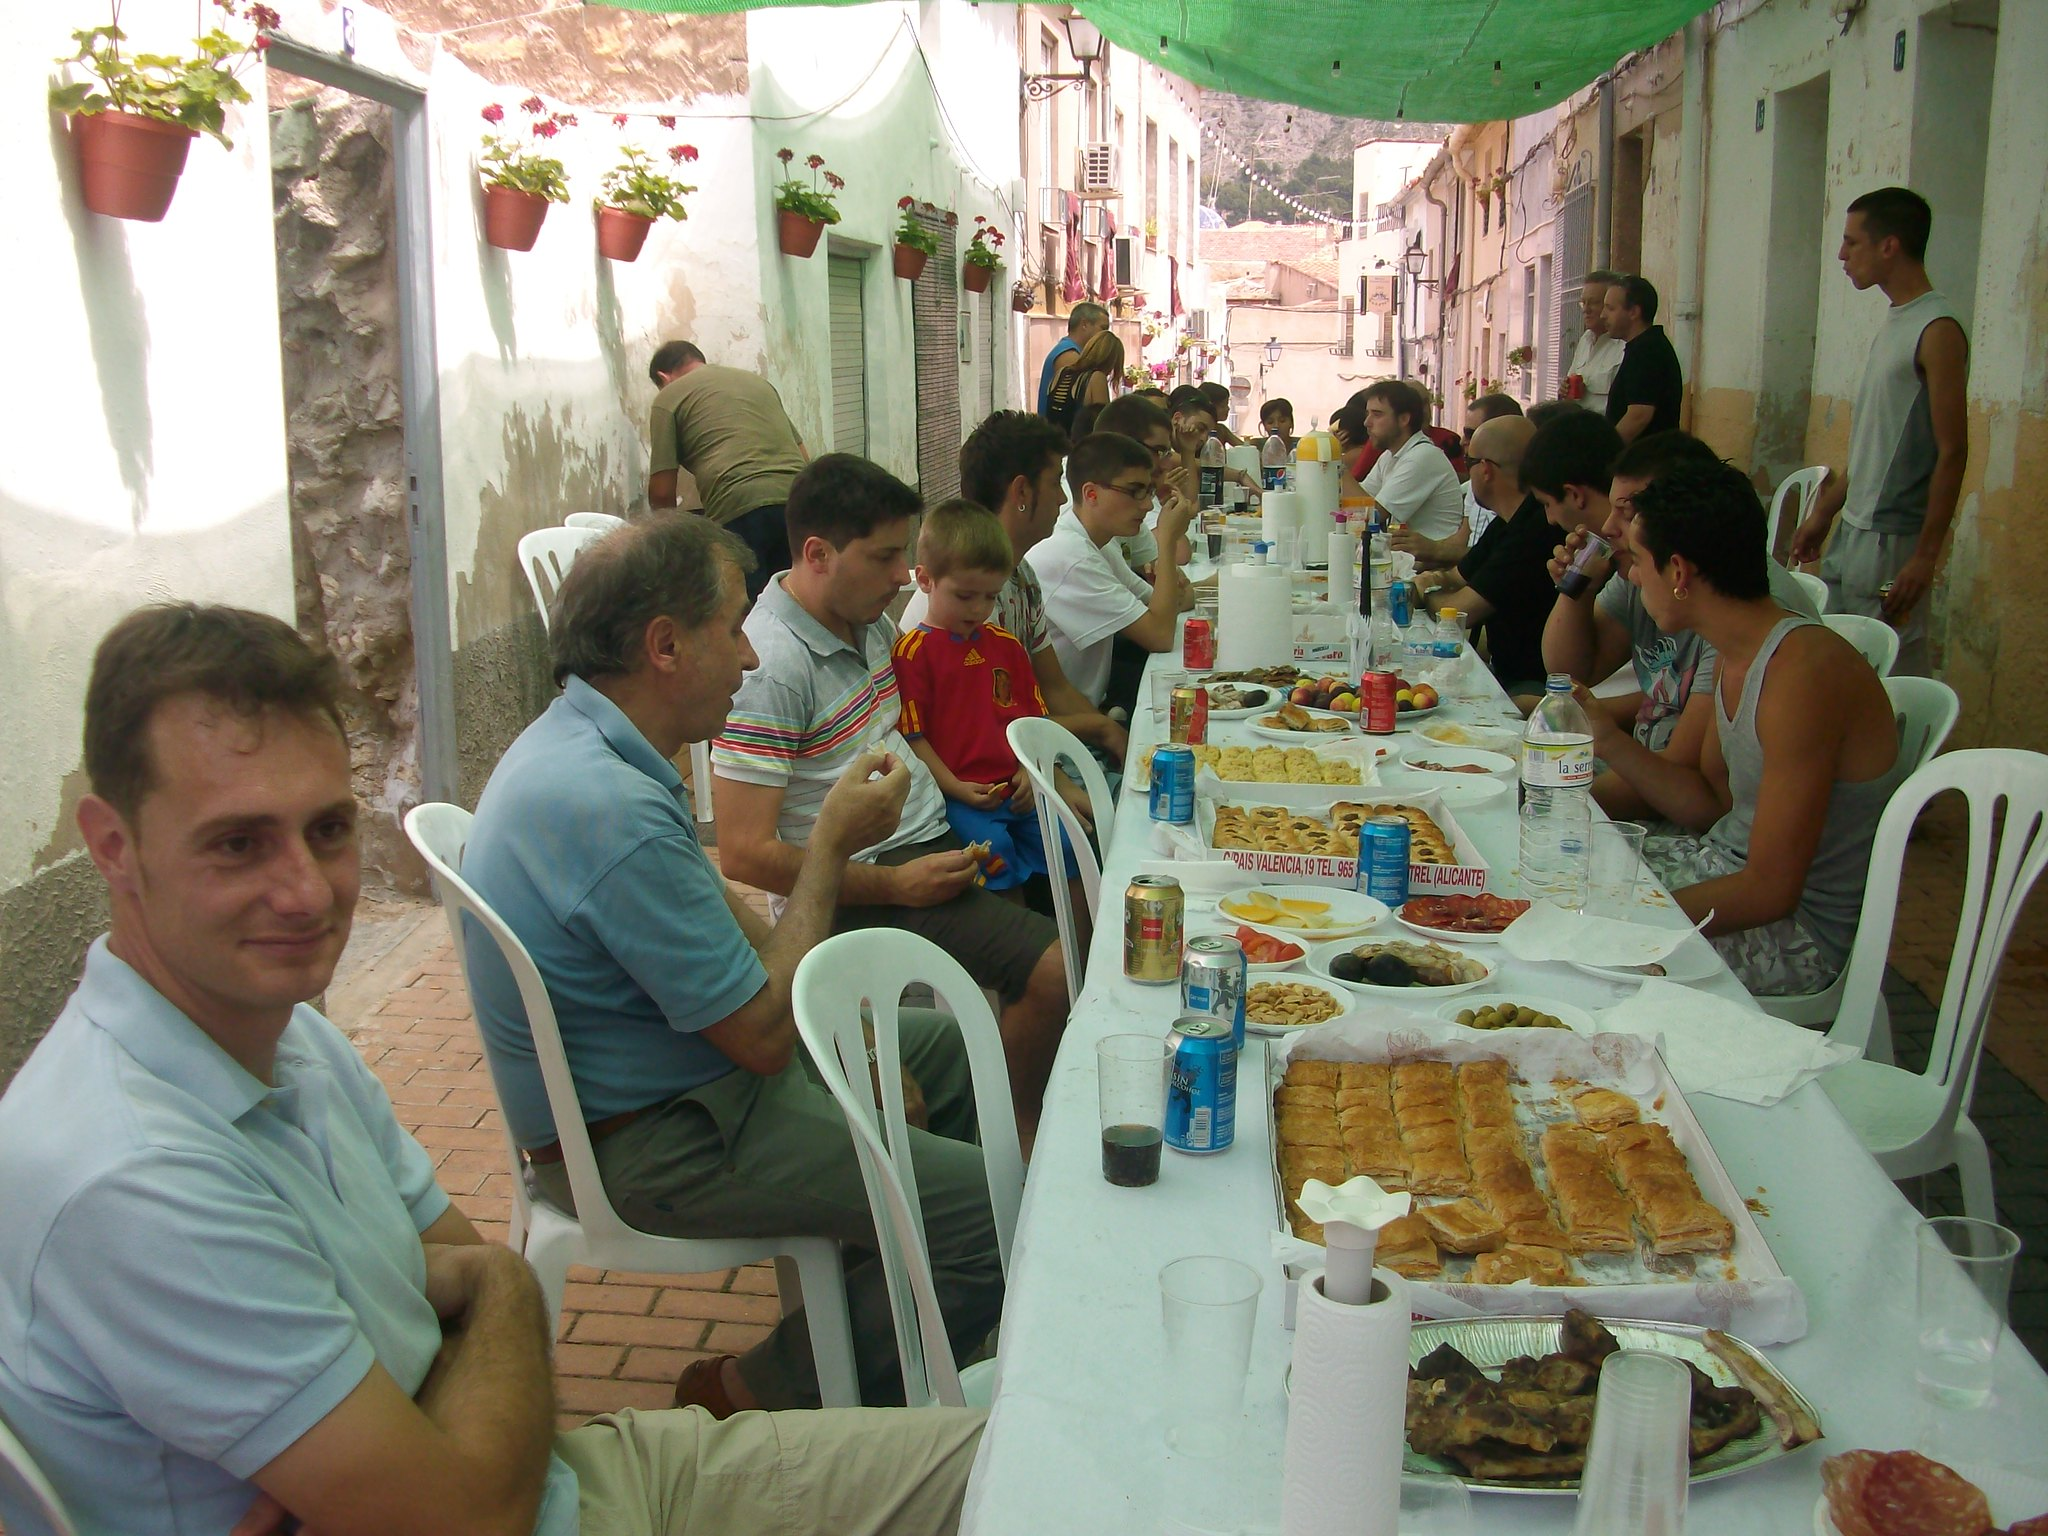 (2010-07-04) - Pasacalle Gent de Nanos - José Vicente Romero Ripoll -  (34)